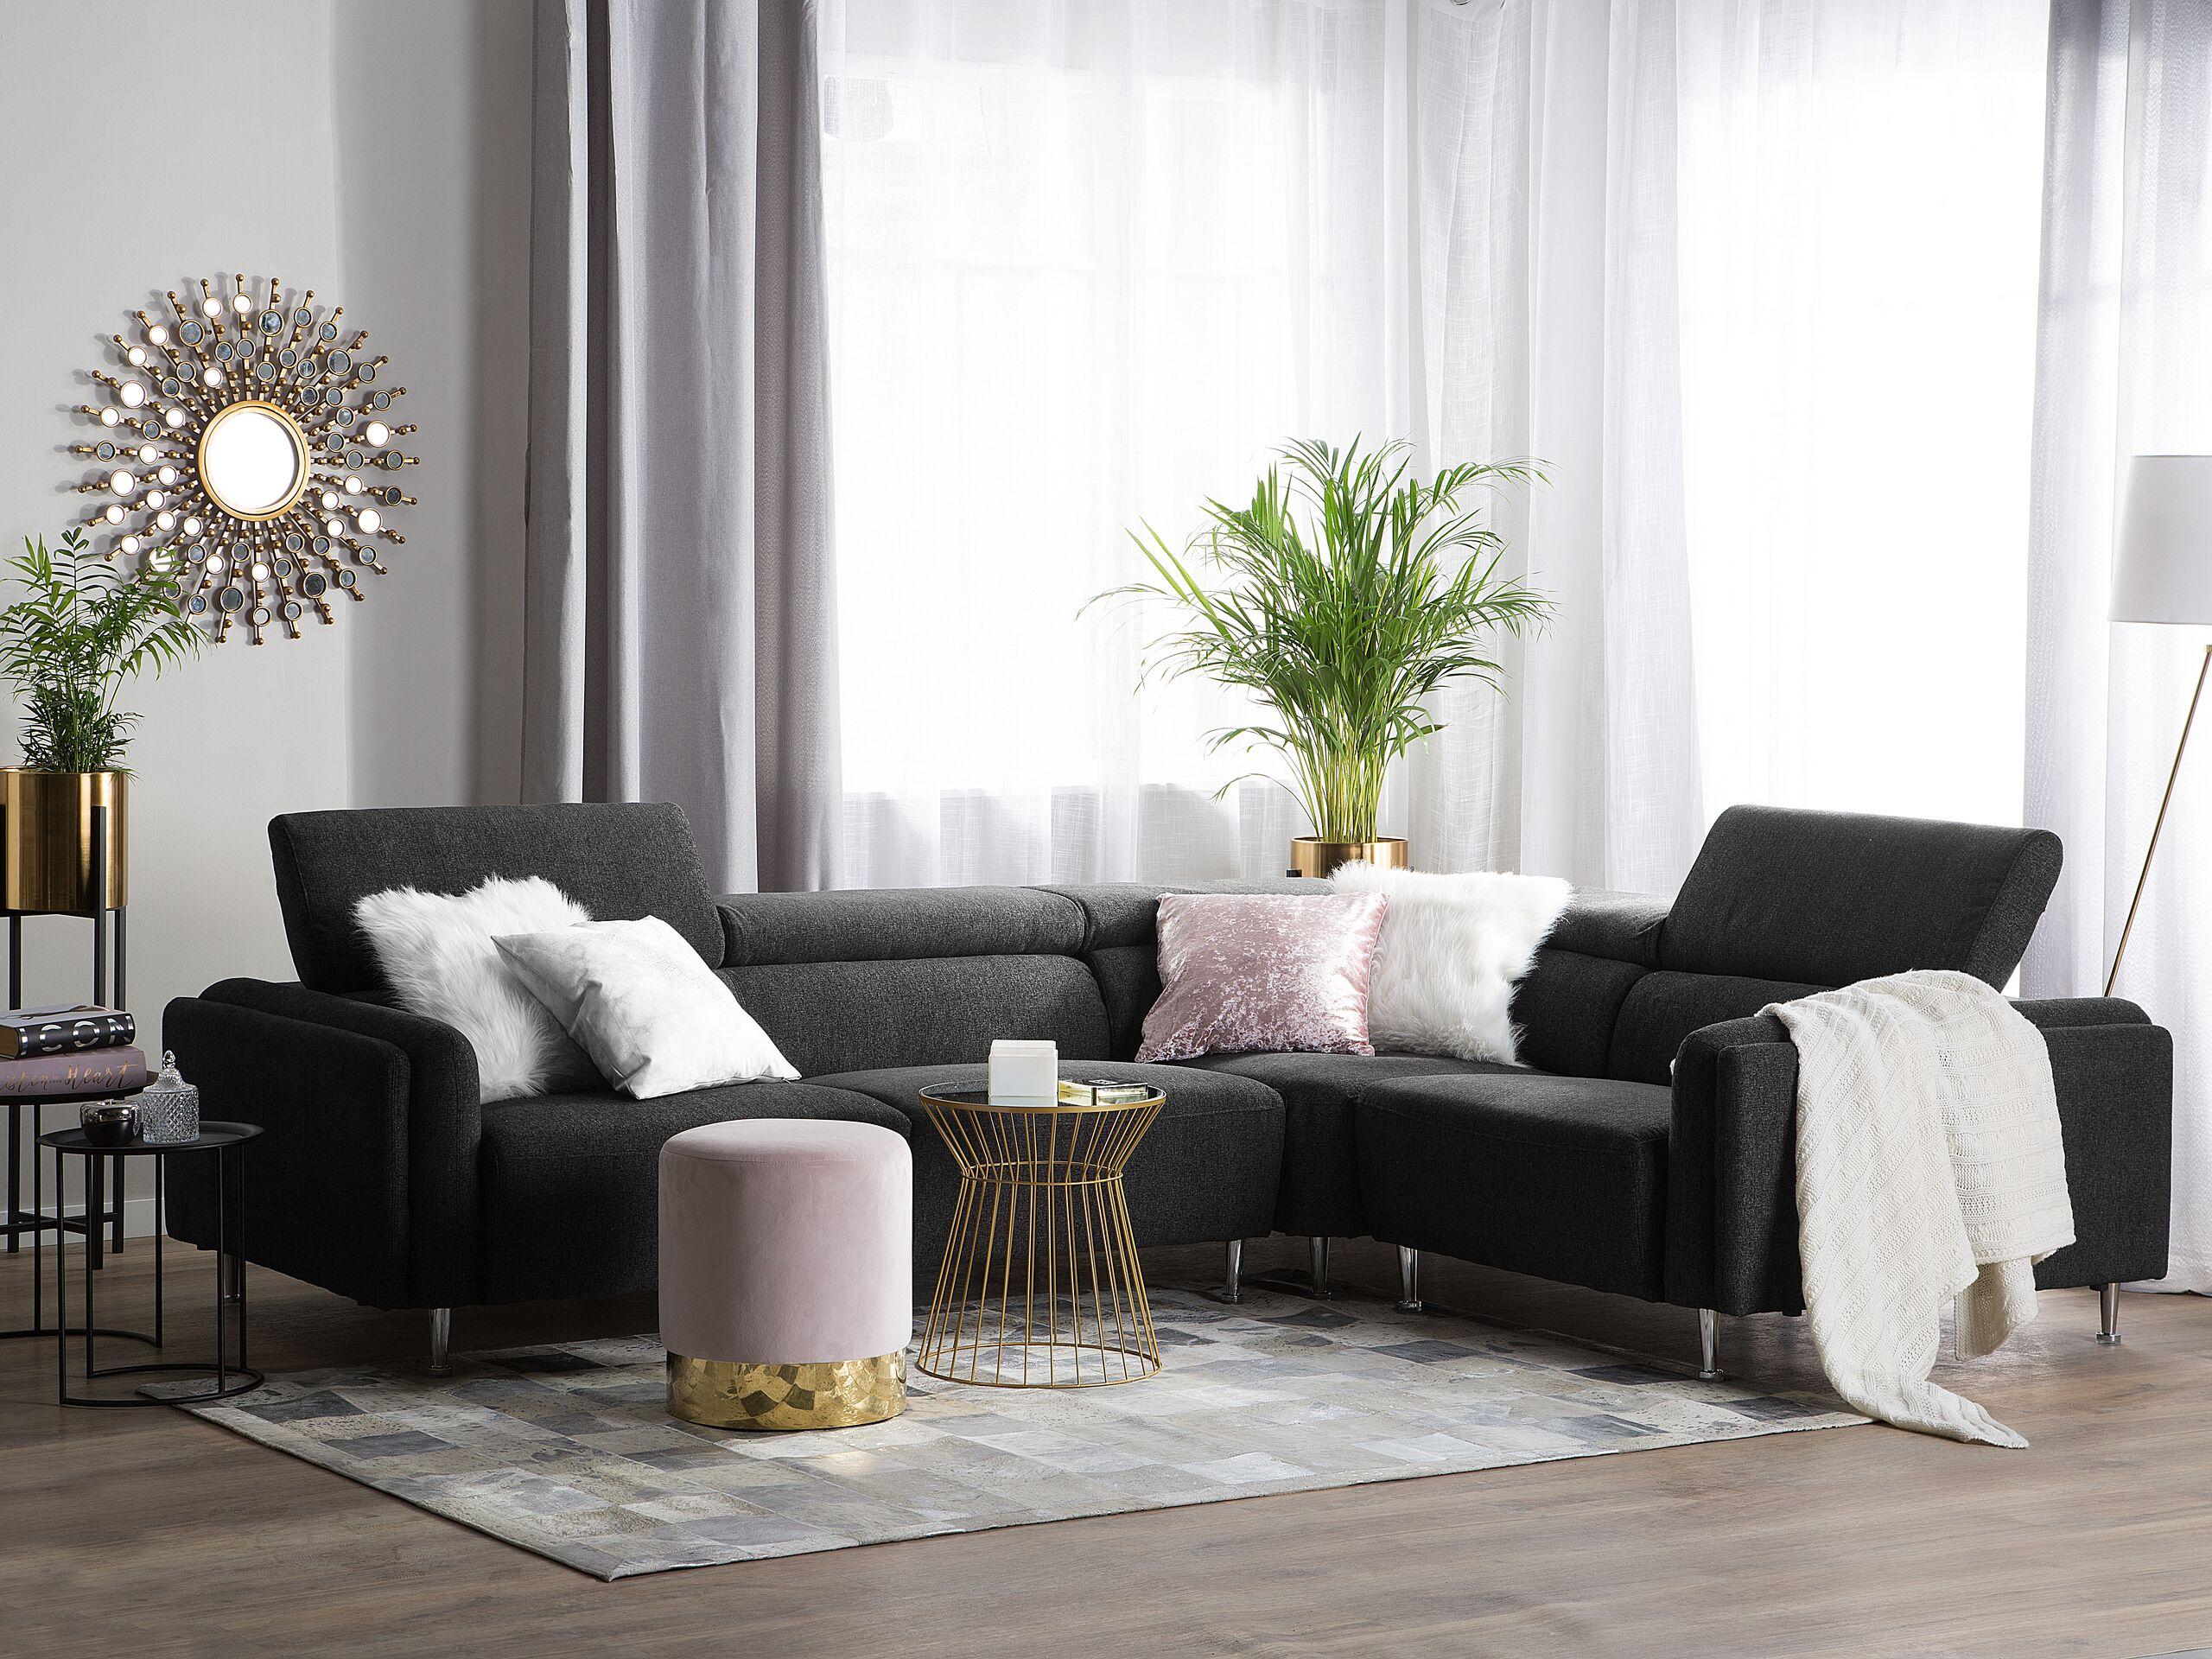 Canapé angle côté gauche en tissu gris foncé 5 places